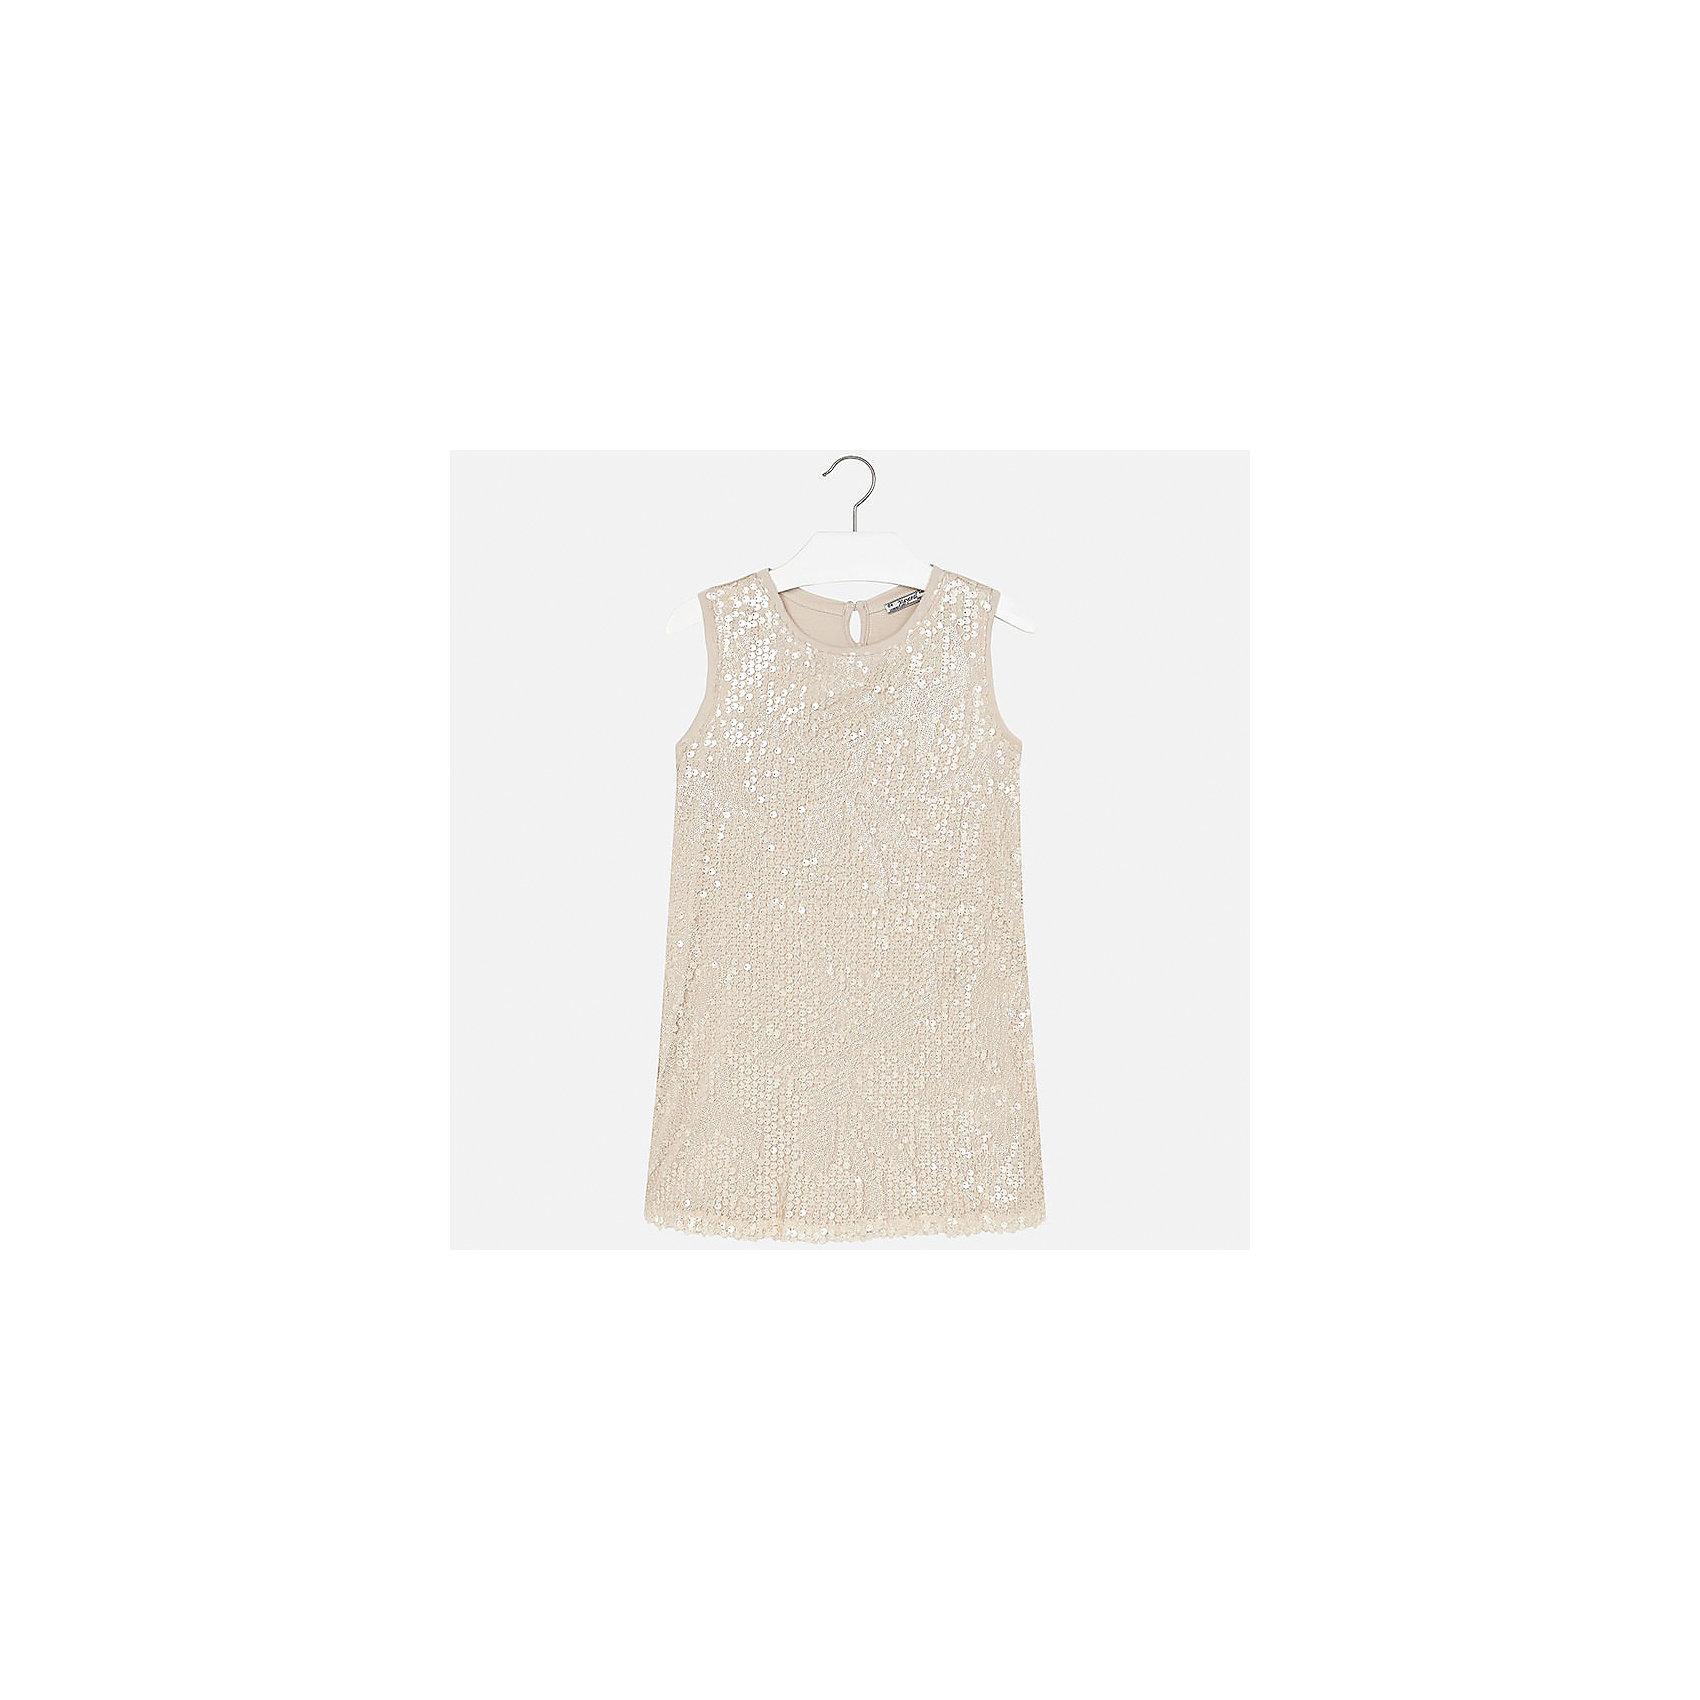 Платье для девочки MayoralОдежда<br>Характеристики товара:<br><br>• цвет: бежевый<br>• состав: 100% полиэстер<br>• застежка: пуговка<br>• легкий материал<br>• плисированная ткань на спине<br>• спереди пайетки<br>• без рукавов<br>• страна бренда: Испания<br><br>Красивое легкое платье для девочки поможет разнообразить гардероб ребенка и создать эффектный наряд. Оно подойдет и для торжественных случаев, может быть и как ежедневный наряд. Красивый оттенок позволяет подобрать к вещи обувь разных расцветок. Платье хорошо сидит по фигуре.<br><br>Одежда, обувь и аксессуары от испанского бренда Mayoral полюбились детям и взрослым по всему миру. Модели этой марки - стильные и удобные. Для их производства используются только безопасные, качественные материалы и фурнитура. Порадуйте ребенка модными и красивыми вещами от Mayoral! <br><br>Платье для девочки от испанского бренда Mayoral (Майорал) можно купить в нашем интернет-магазине.<br><br>Ширина мм: 236<br>Глубина мм: 16<br>Высота мм: 184<br>Вес г: 177<br>Цвет: бежевый<br>Возраст от месяцев: 156<br>Возраст до месяцев: 168<br>Пол: Женский<br>Возраст: Детский<br>Размер: 164,128/134,140,152,158<br>SKU: 5293219